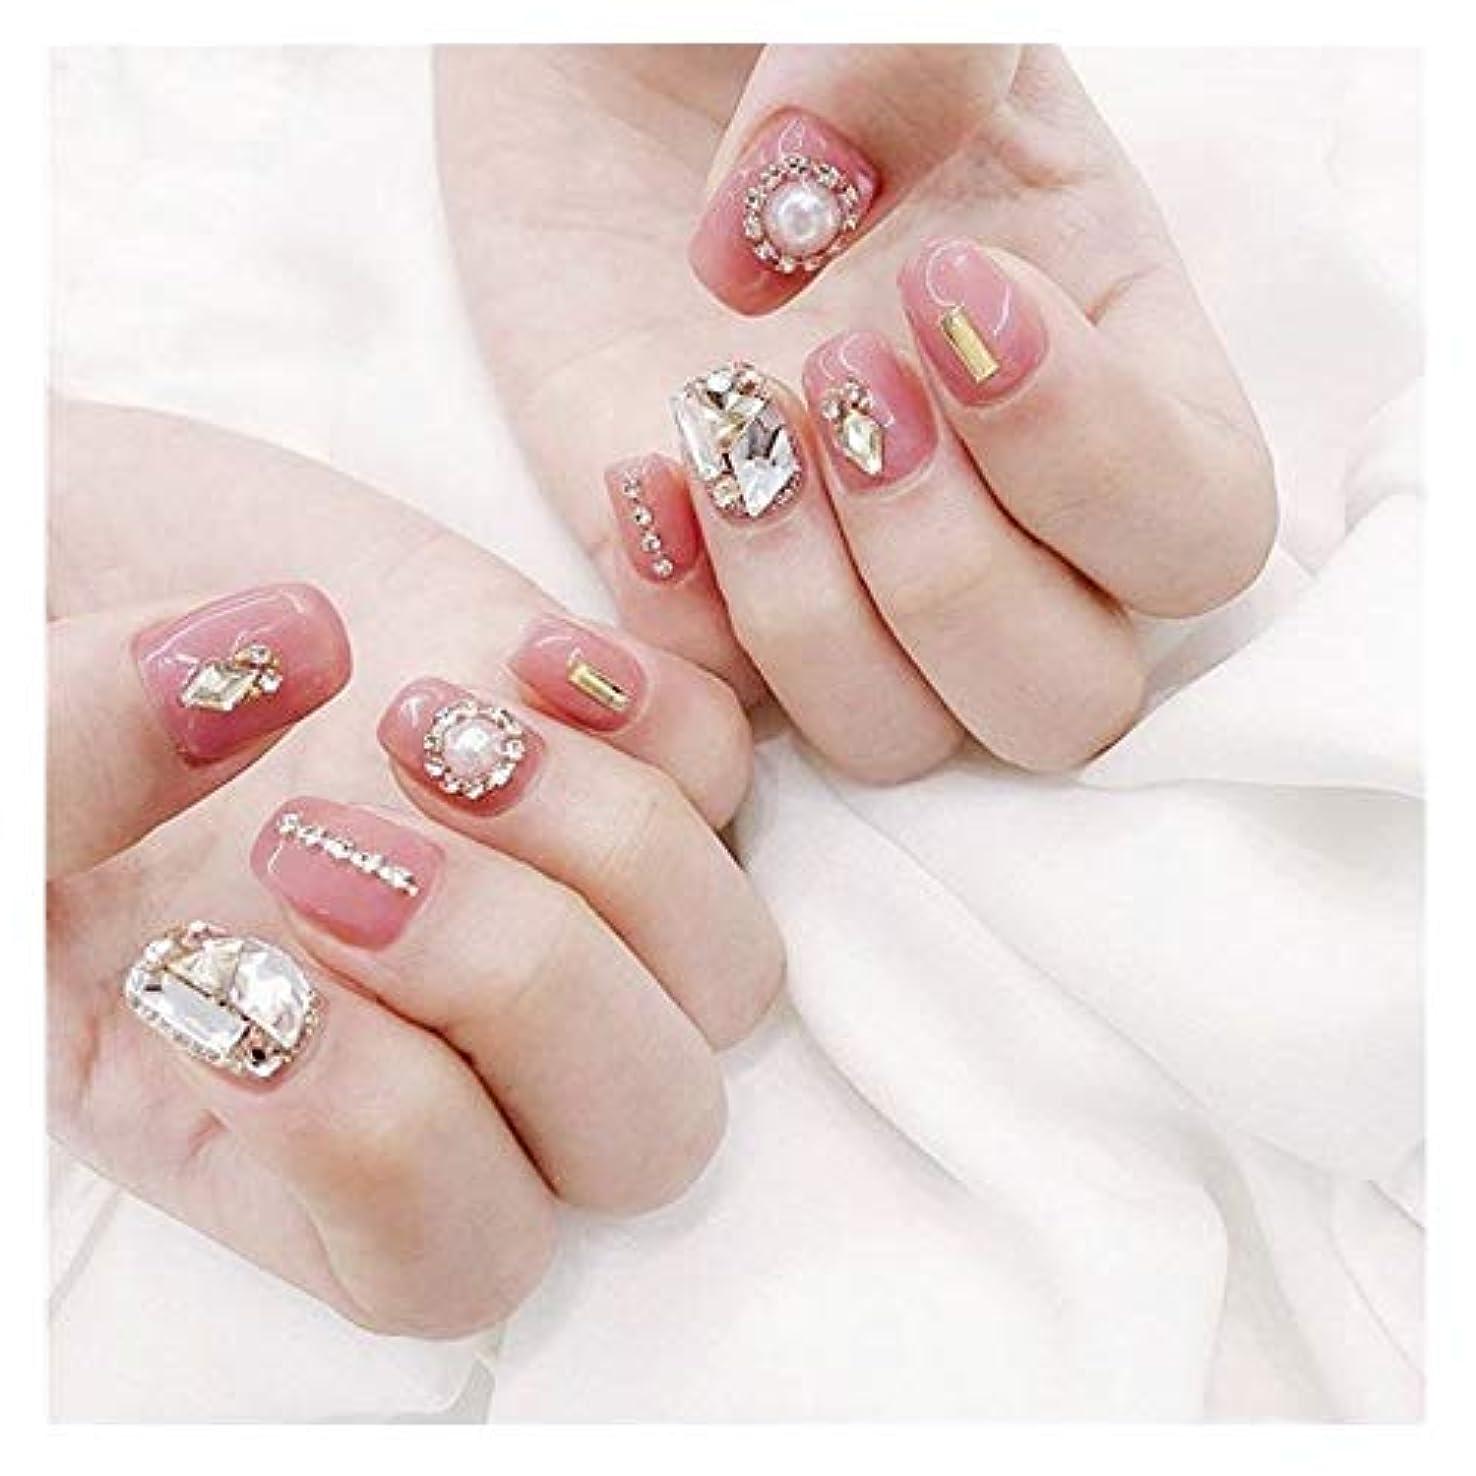 湖感染する波TAALESET ダイヤモンドのり偽の爪ピンクのかわいい花嫁フォトスタジオ完成ネイル偽の釘 (色 : 24 pieces)